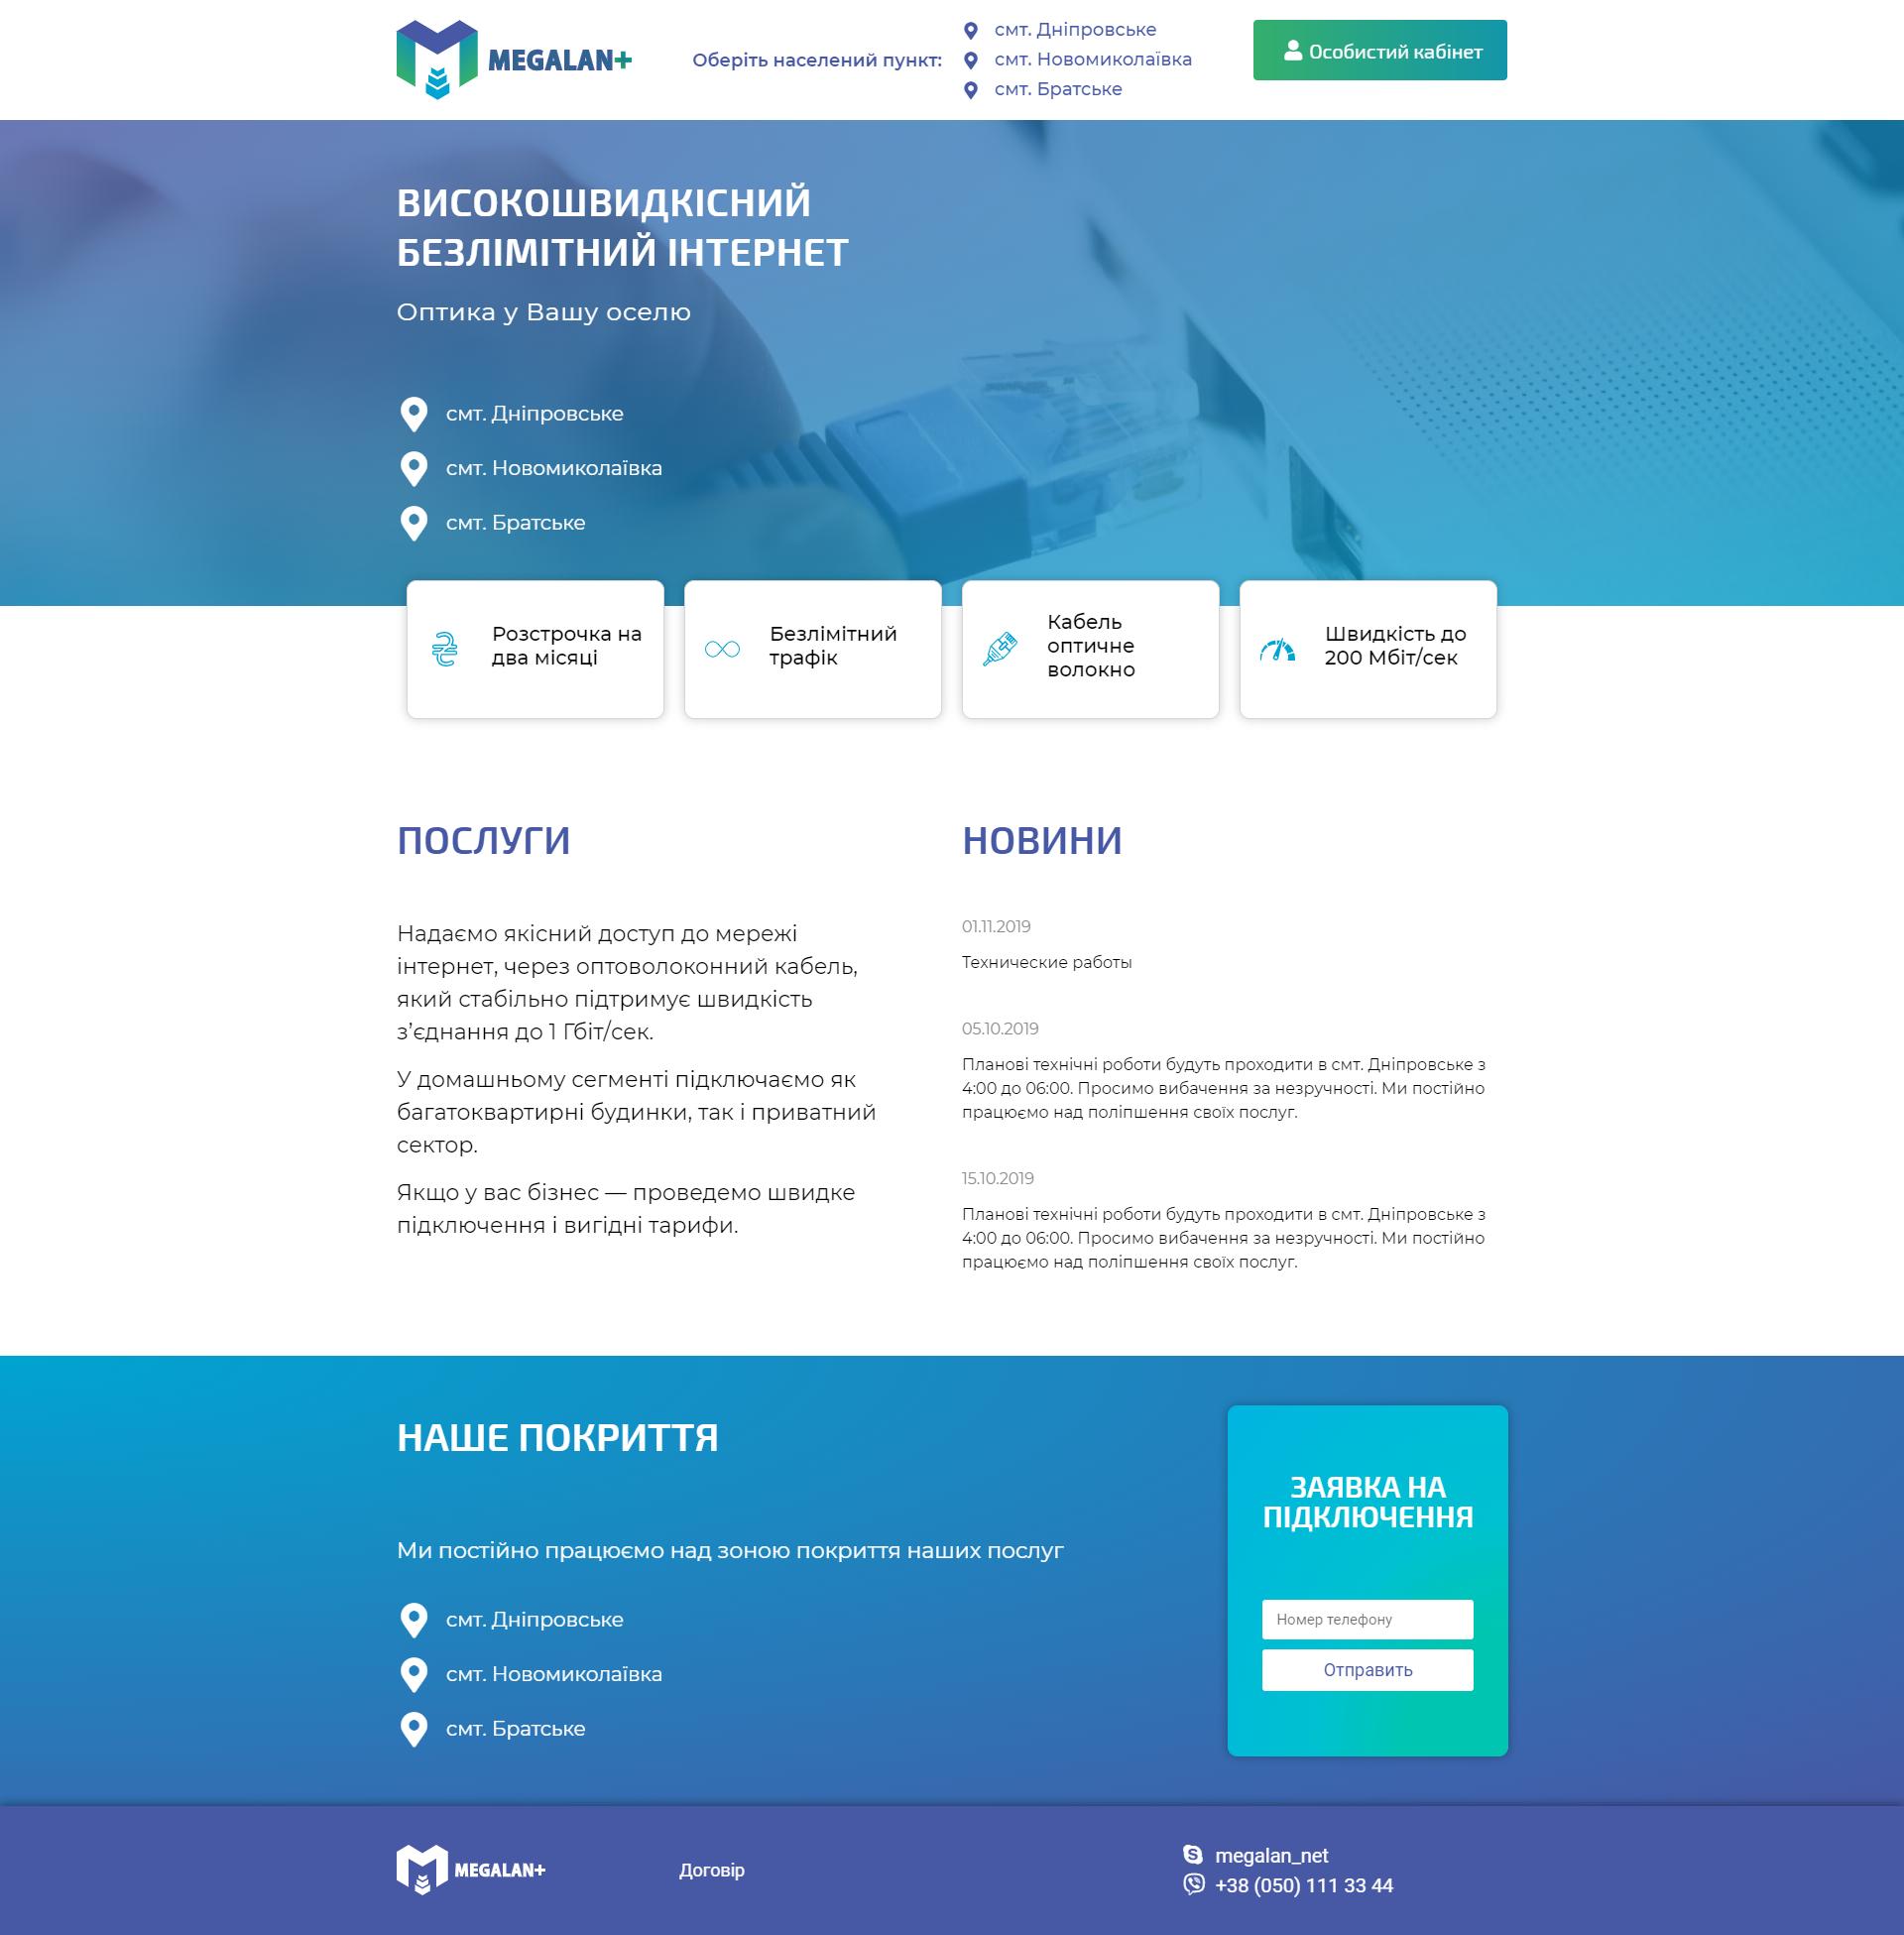 Фото Разработка сайта на основе примера от клиента. Разработка дизайна, верстка и наполнение.